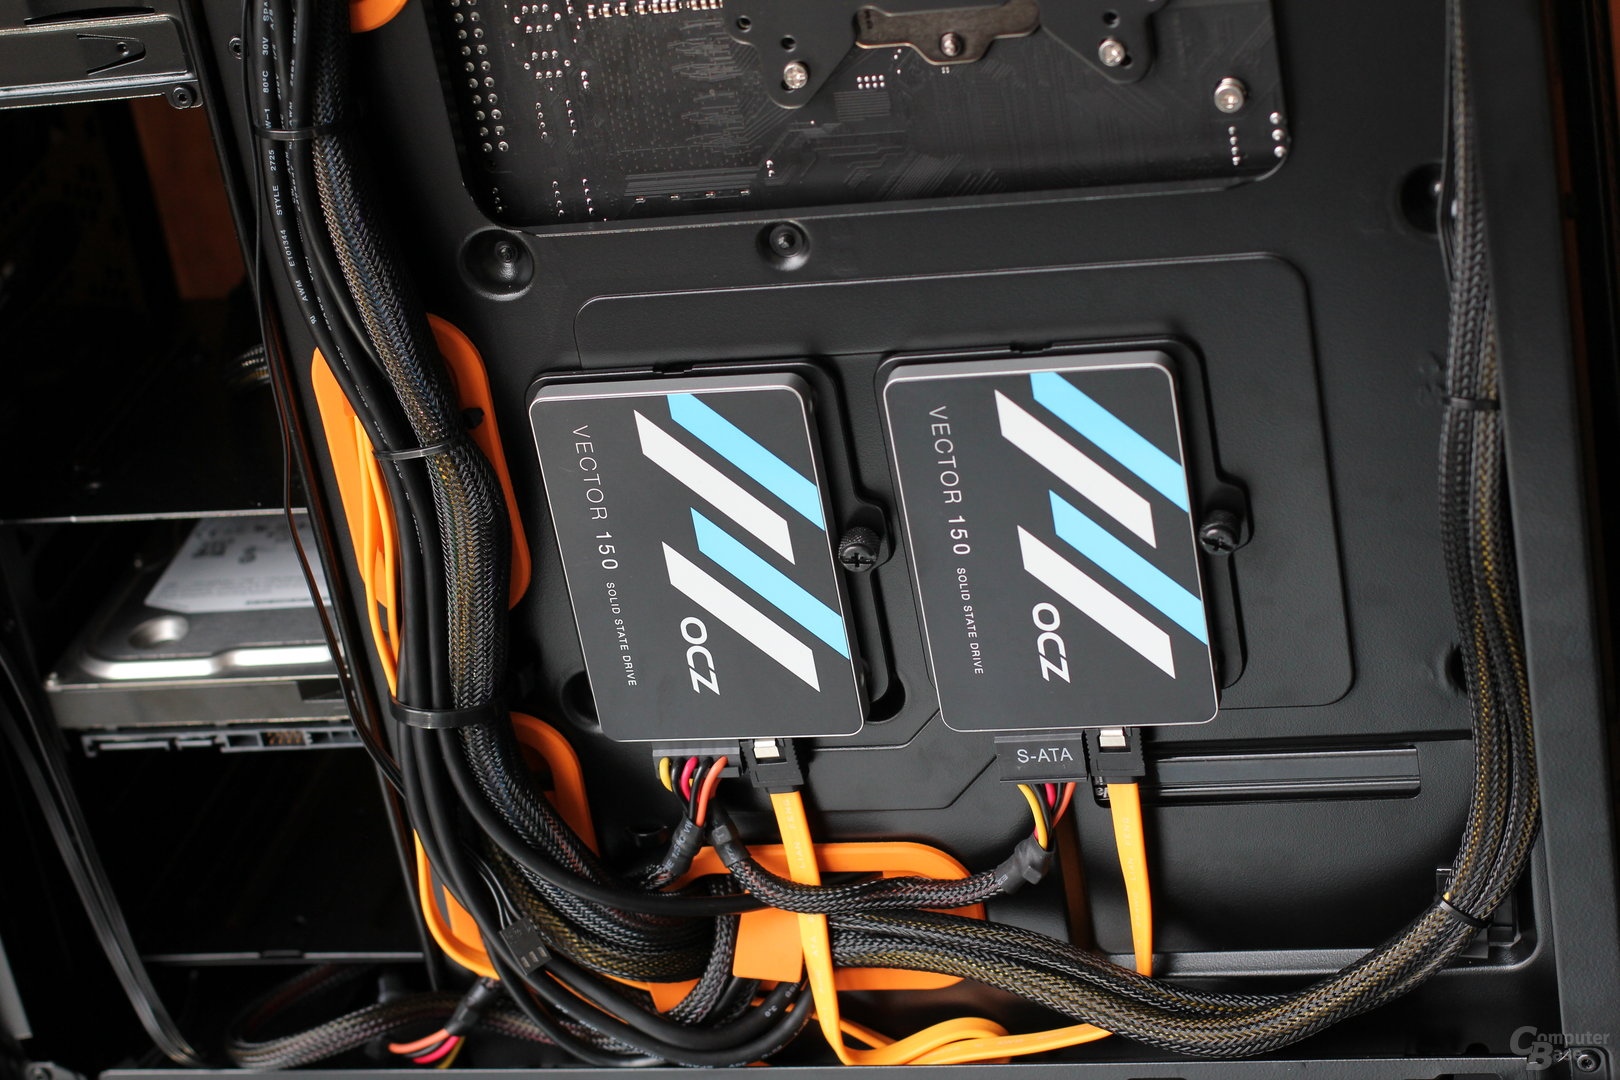 Zwei SSDs finden hinter dem Mainboardschlitten Platz